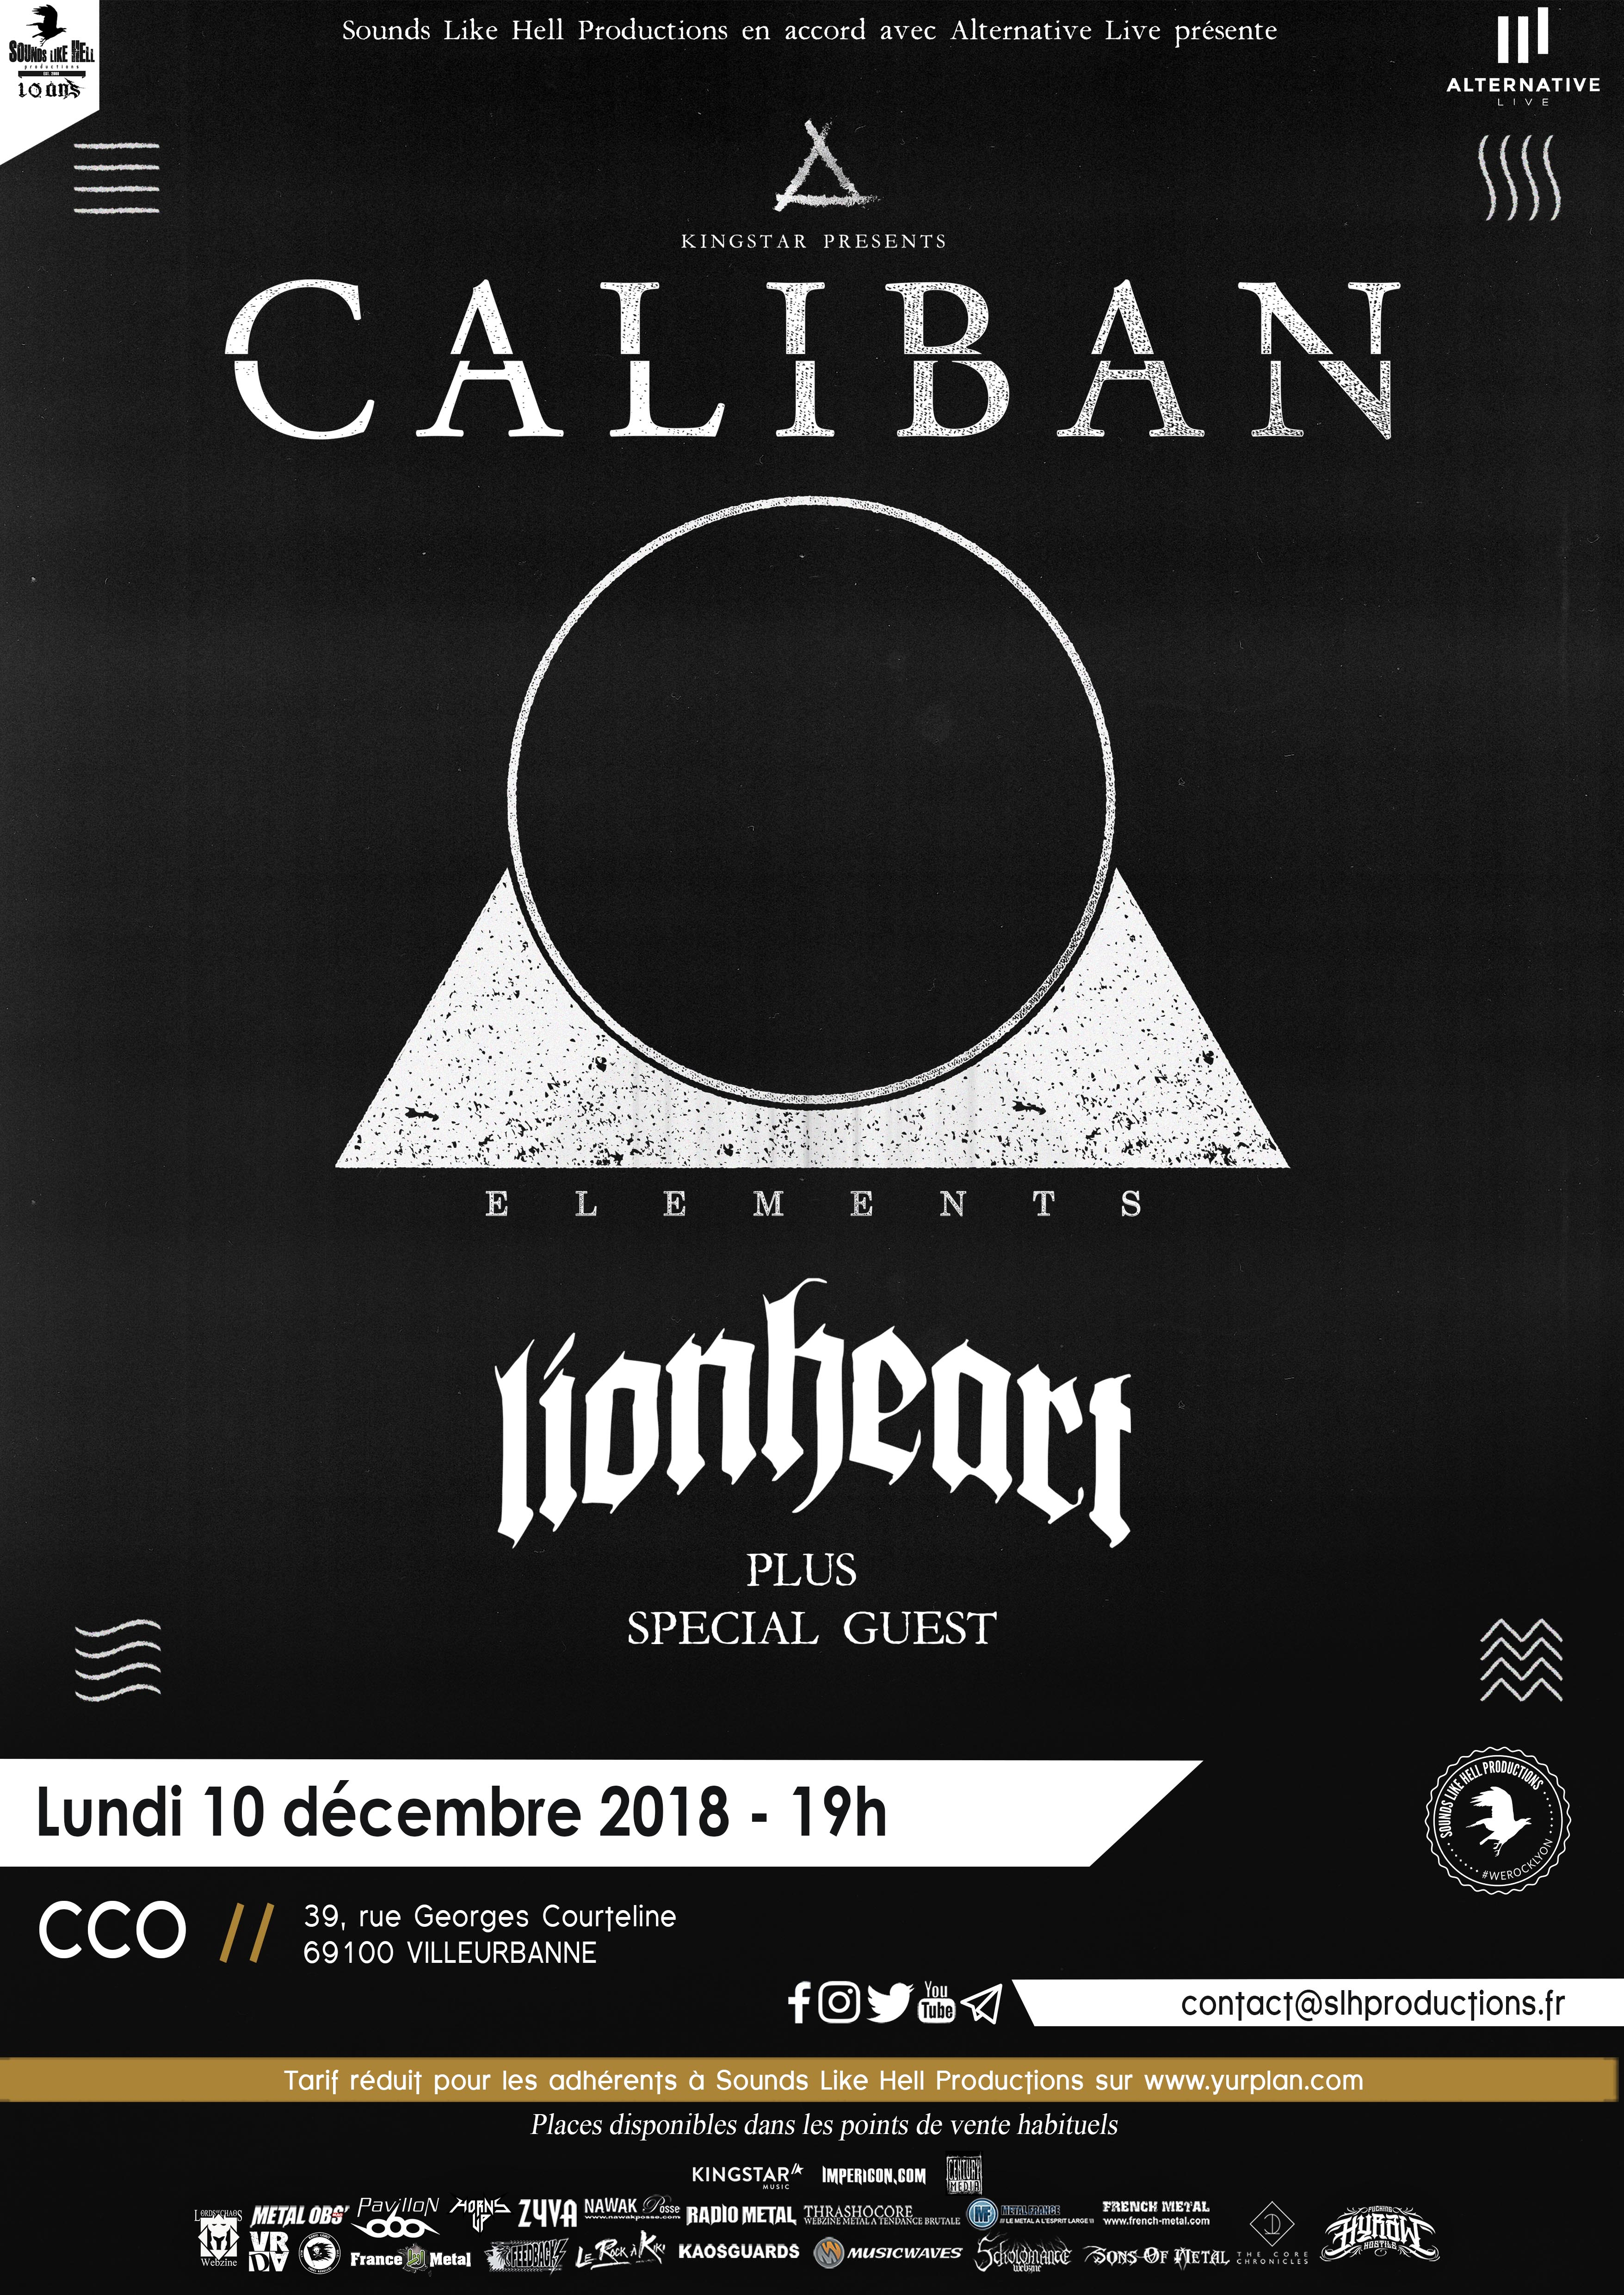 CALIBAN en concert à lyon en 2018